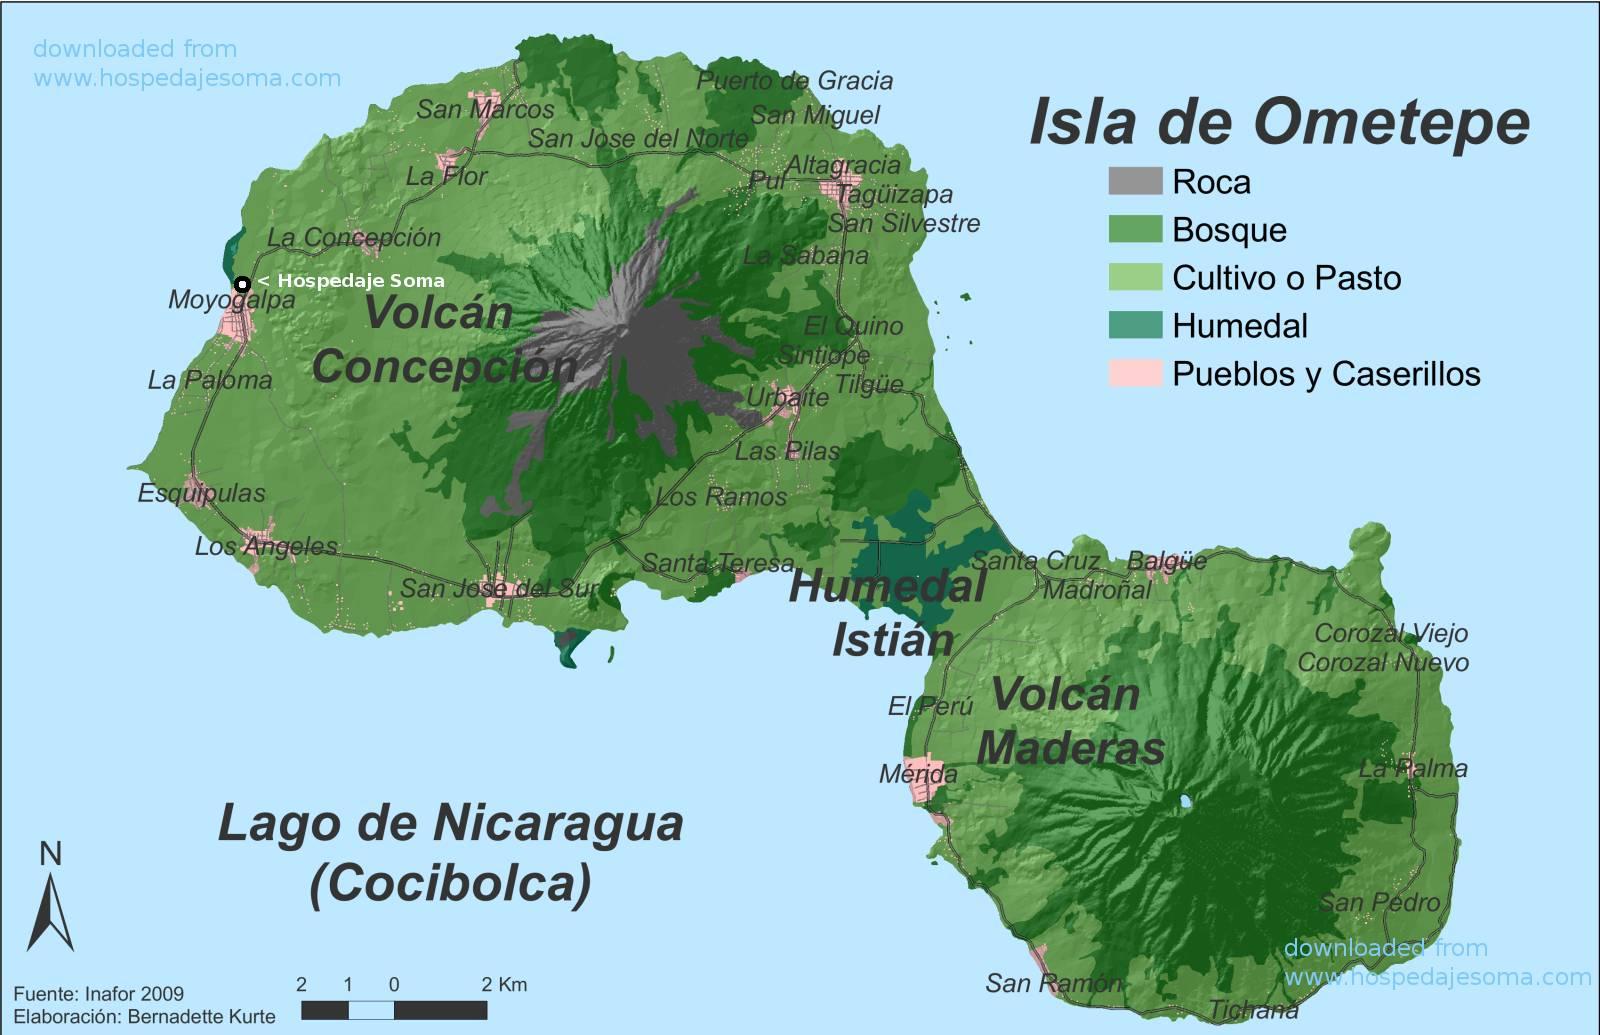 isla de ometepe.jpg